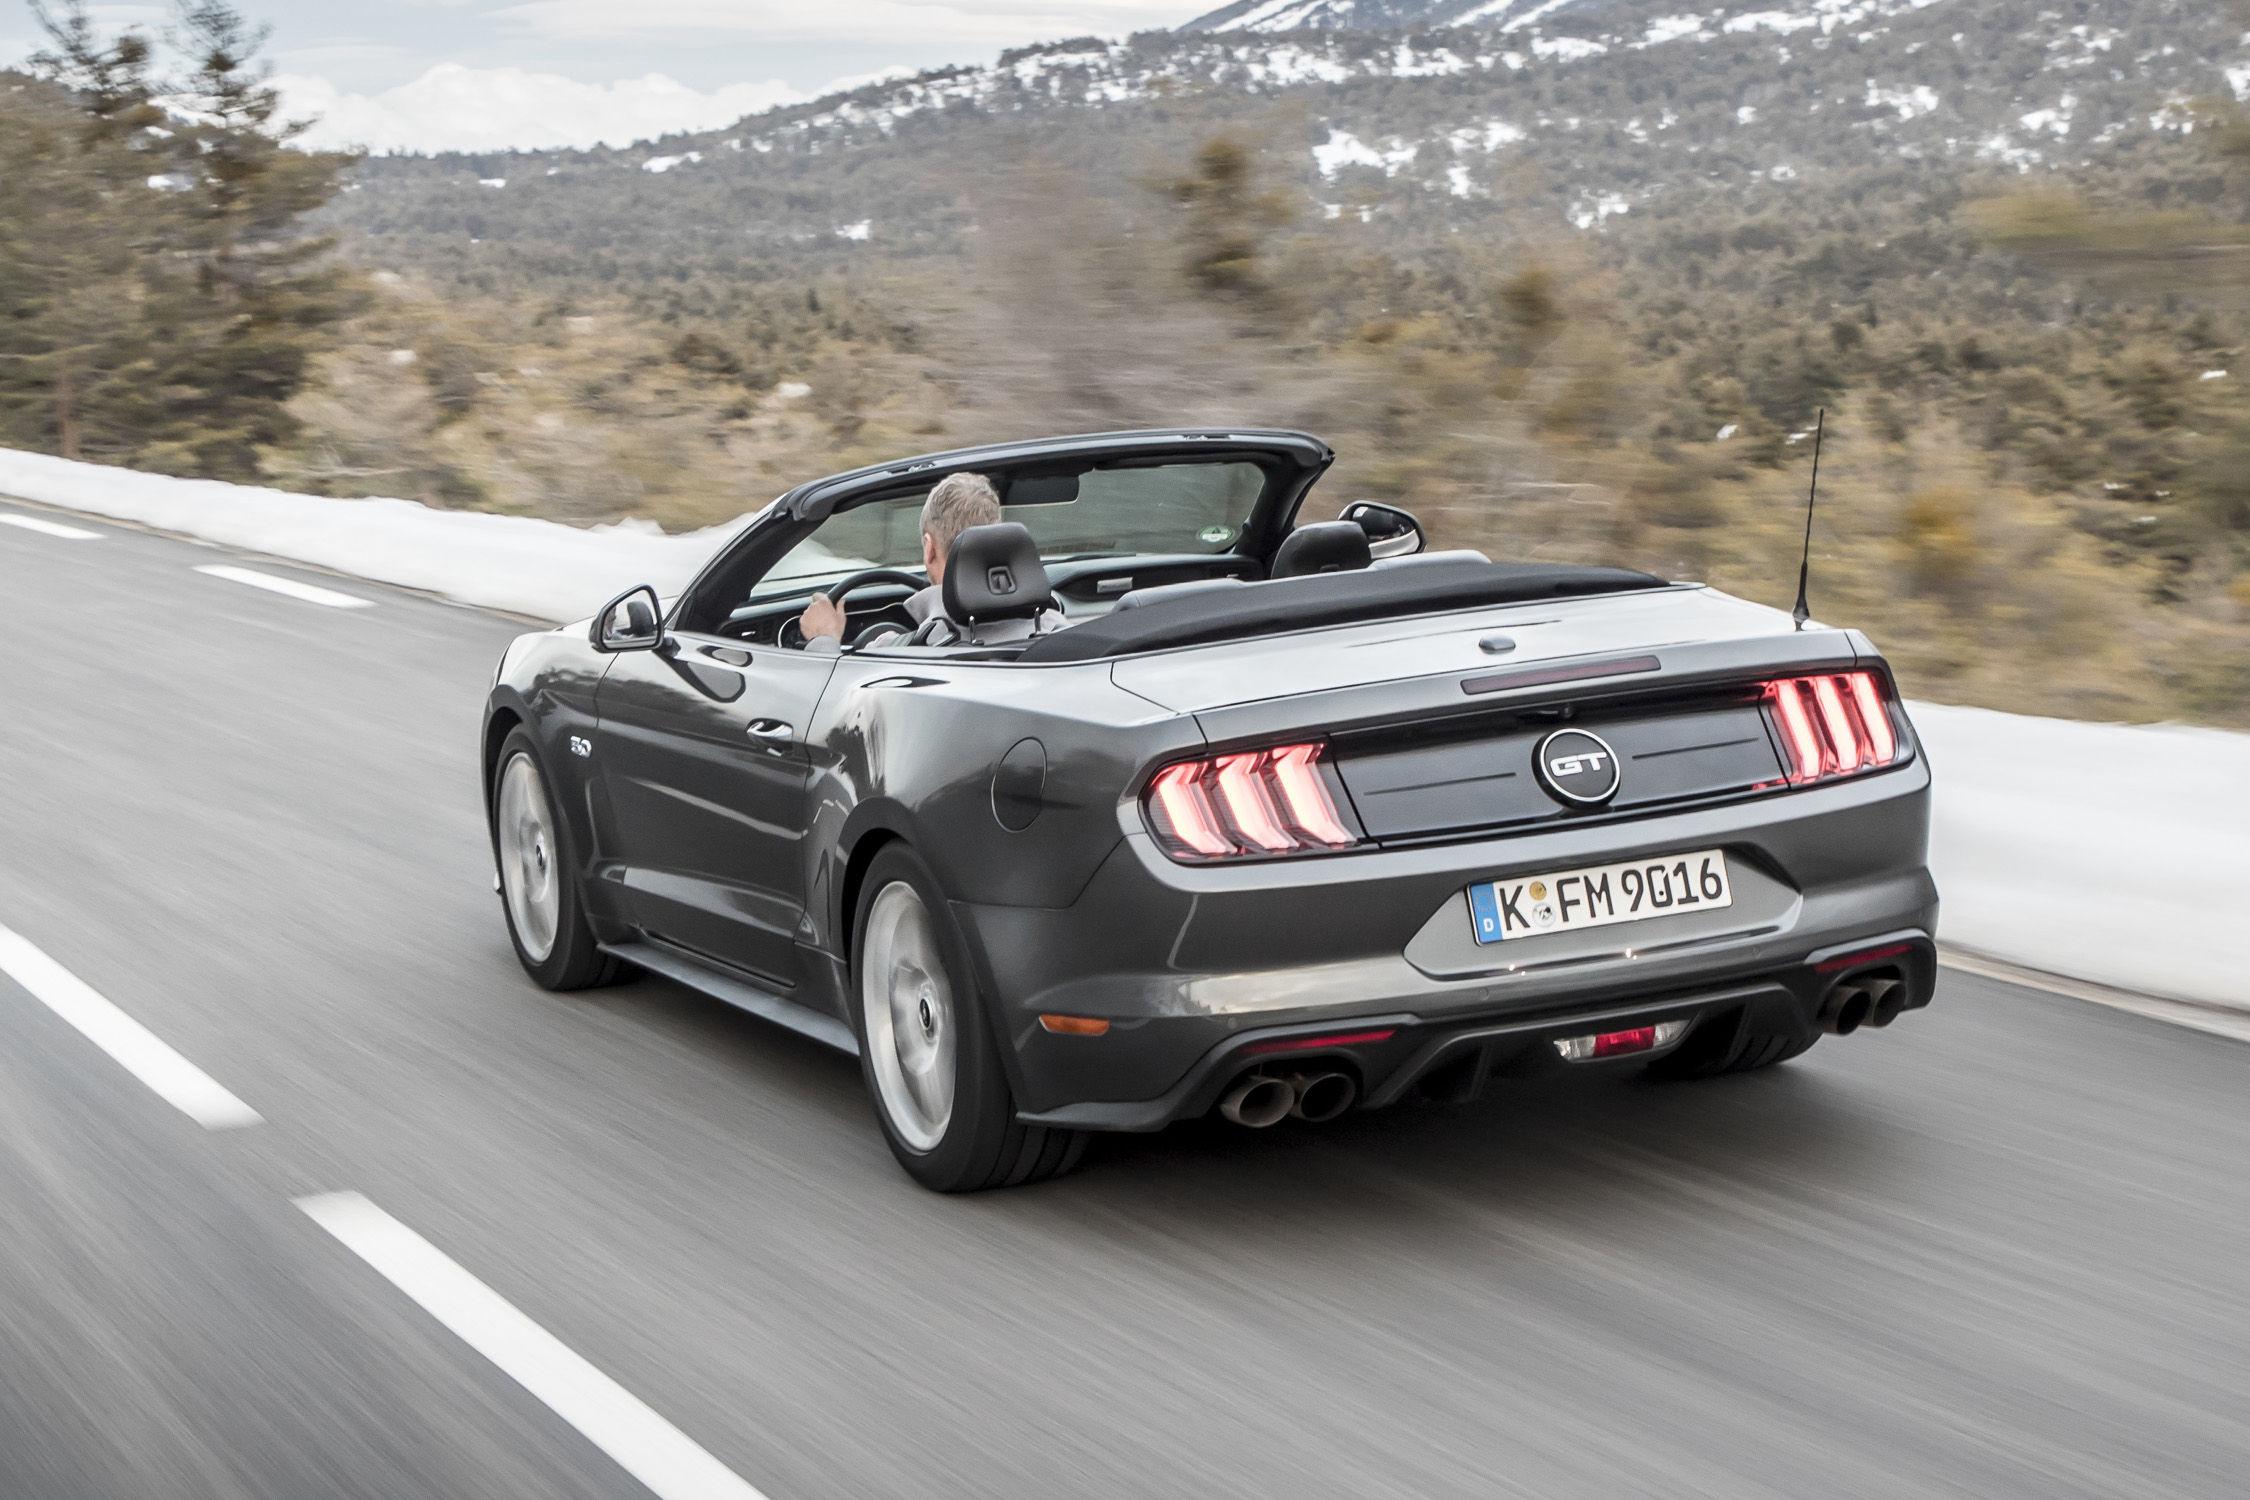 Retrouvez notre essai de la nouvelle Ford Mustang GT.